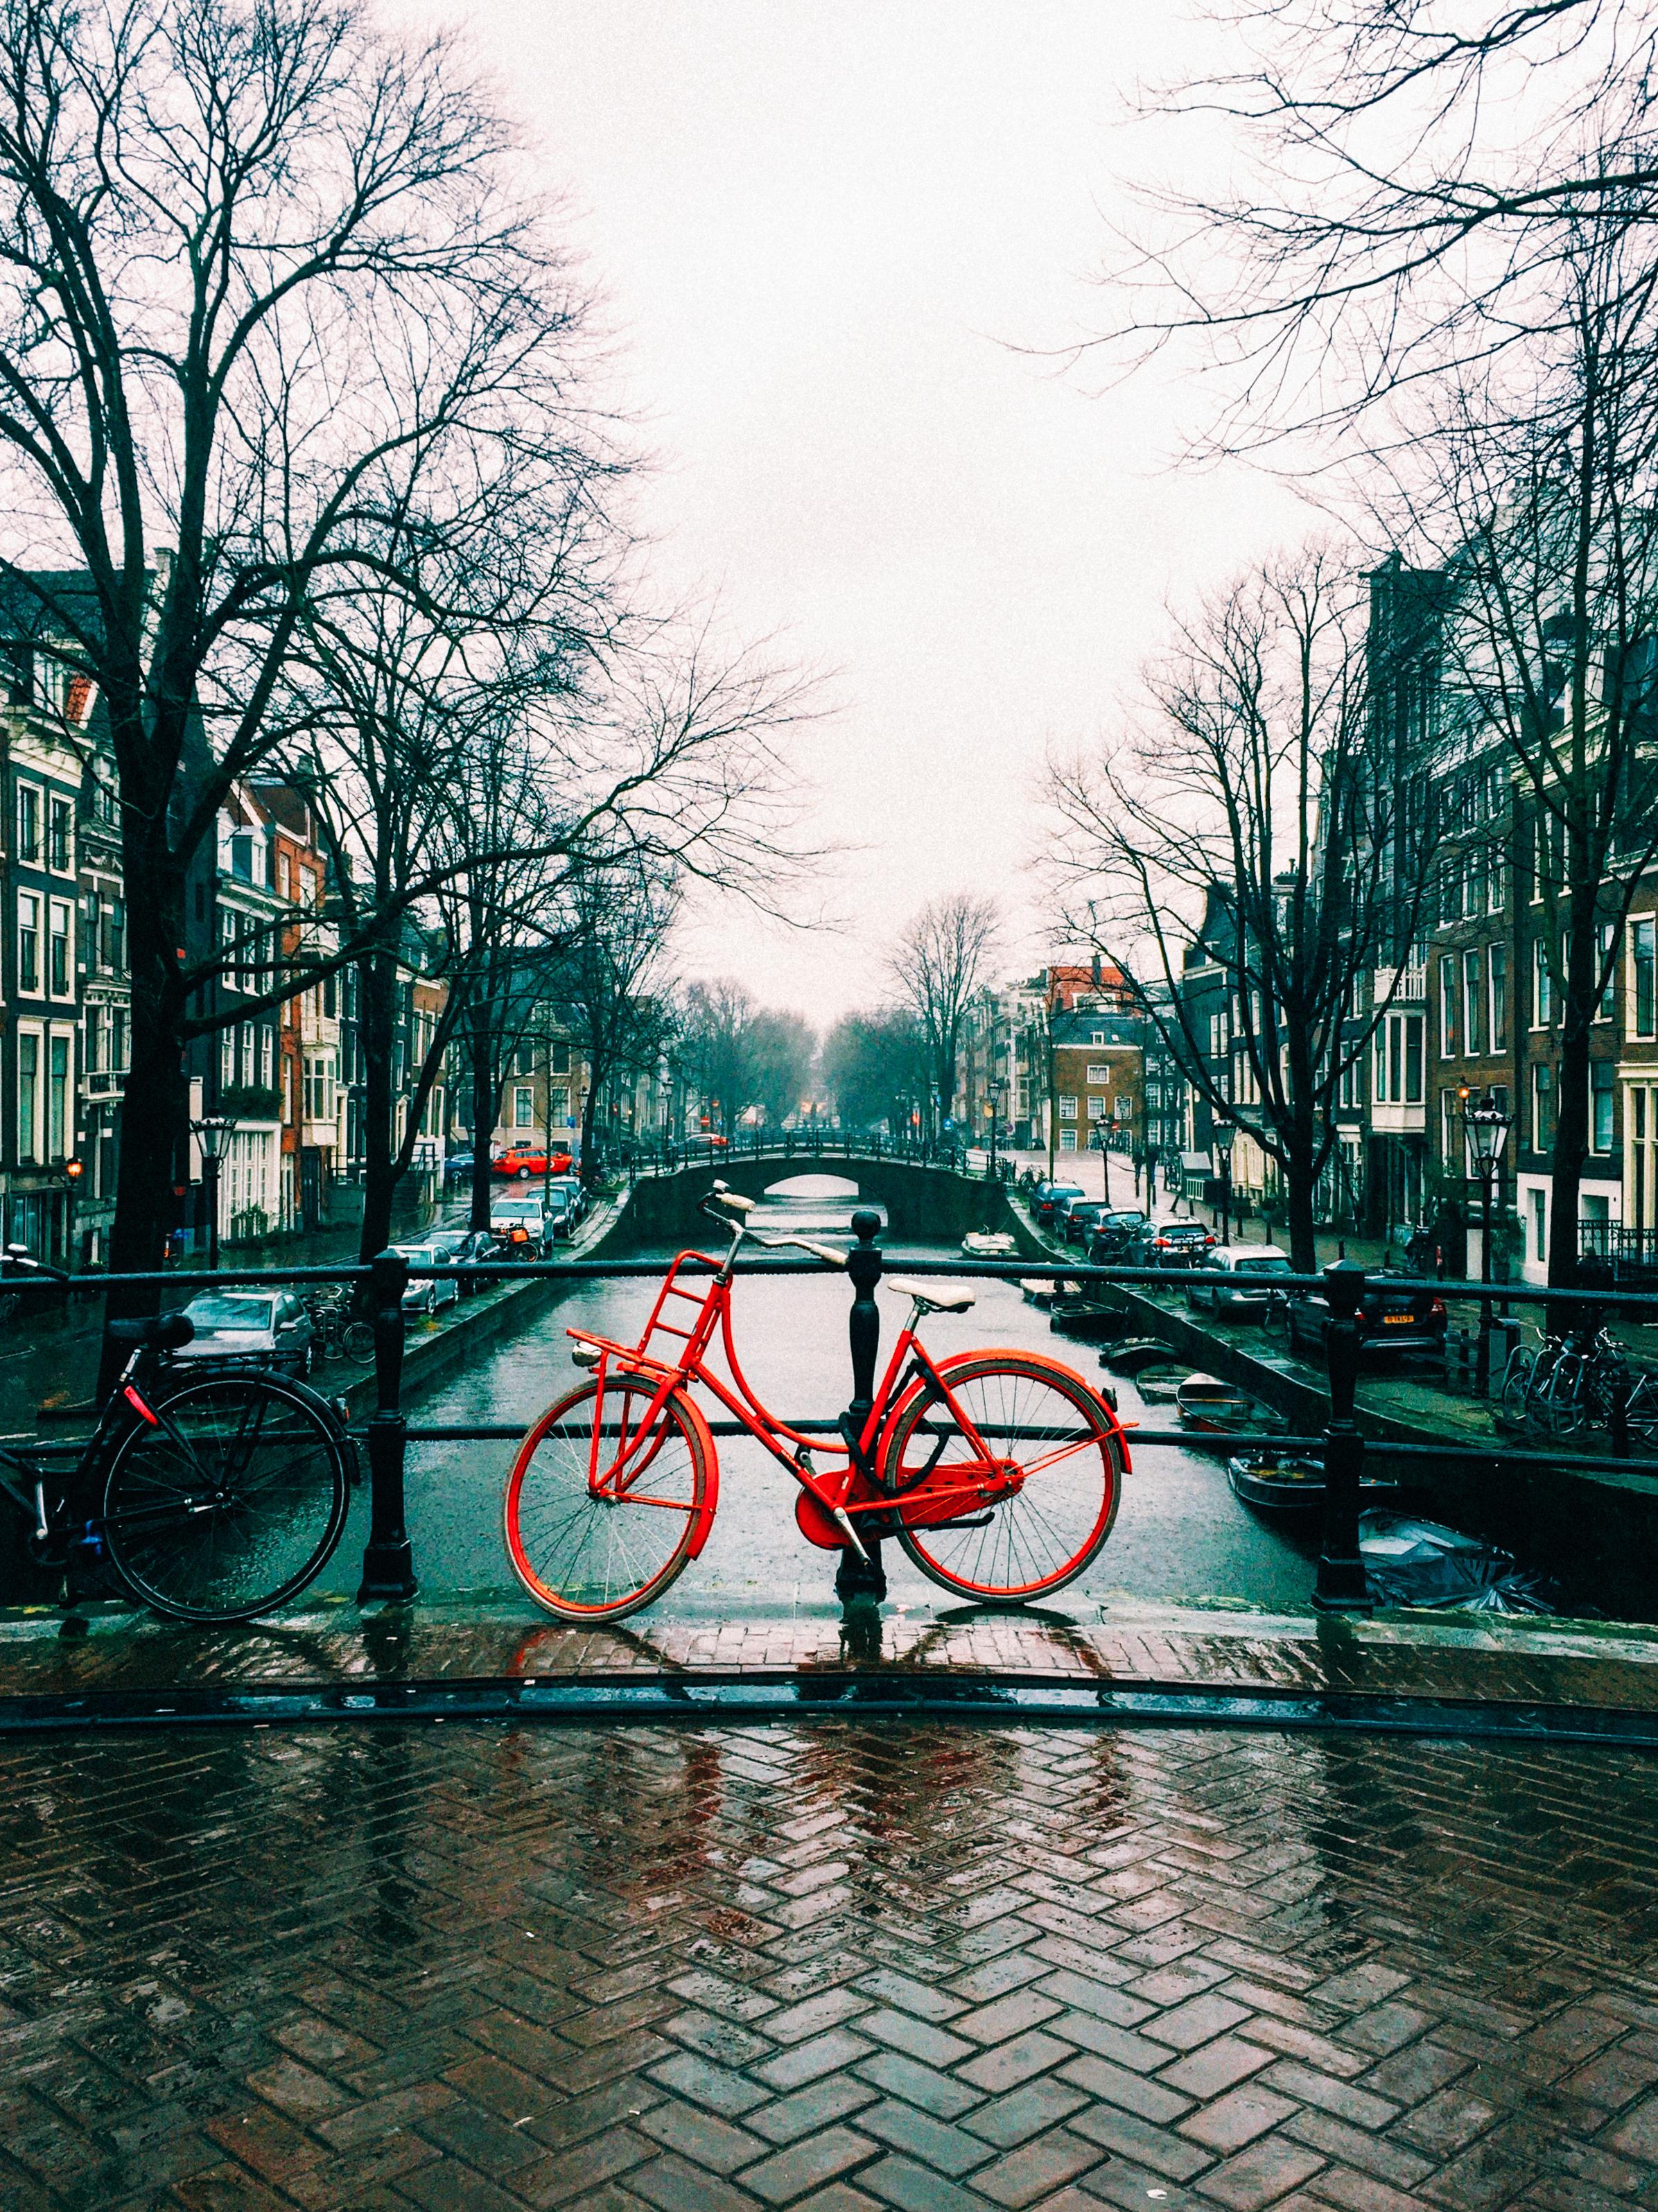 NYE in Amsterdam_QuinnsPlace-45.jpg